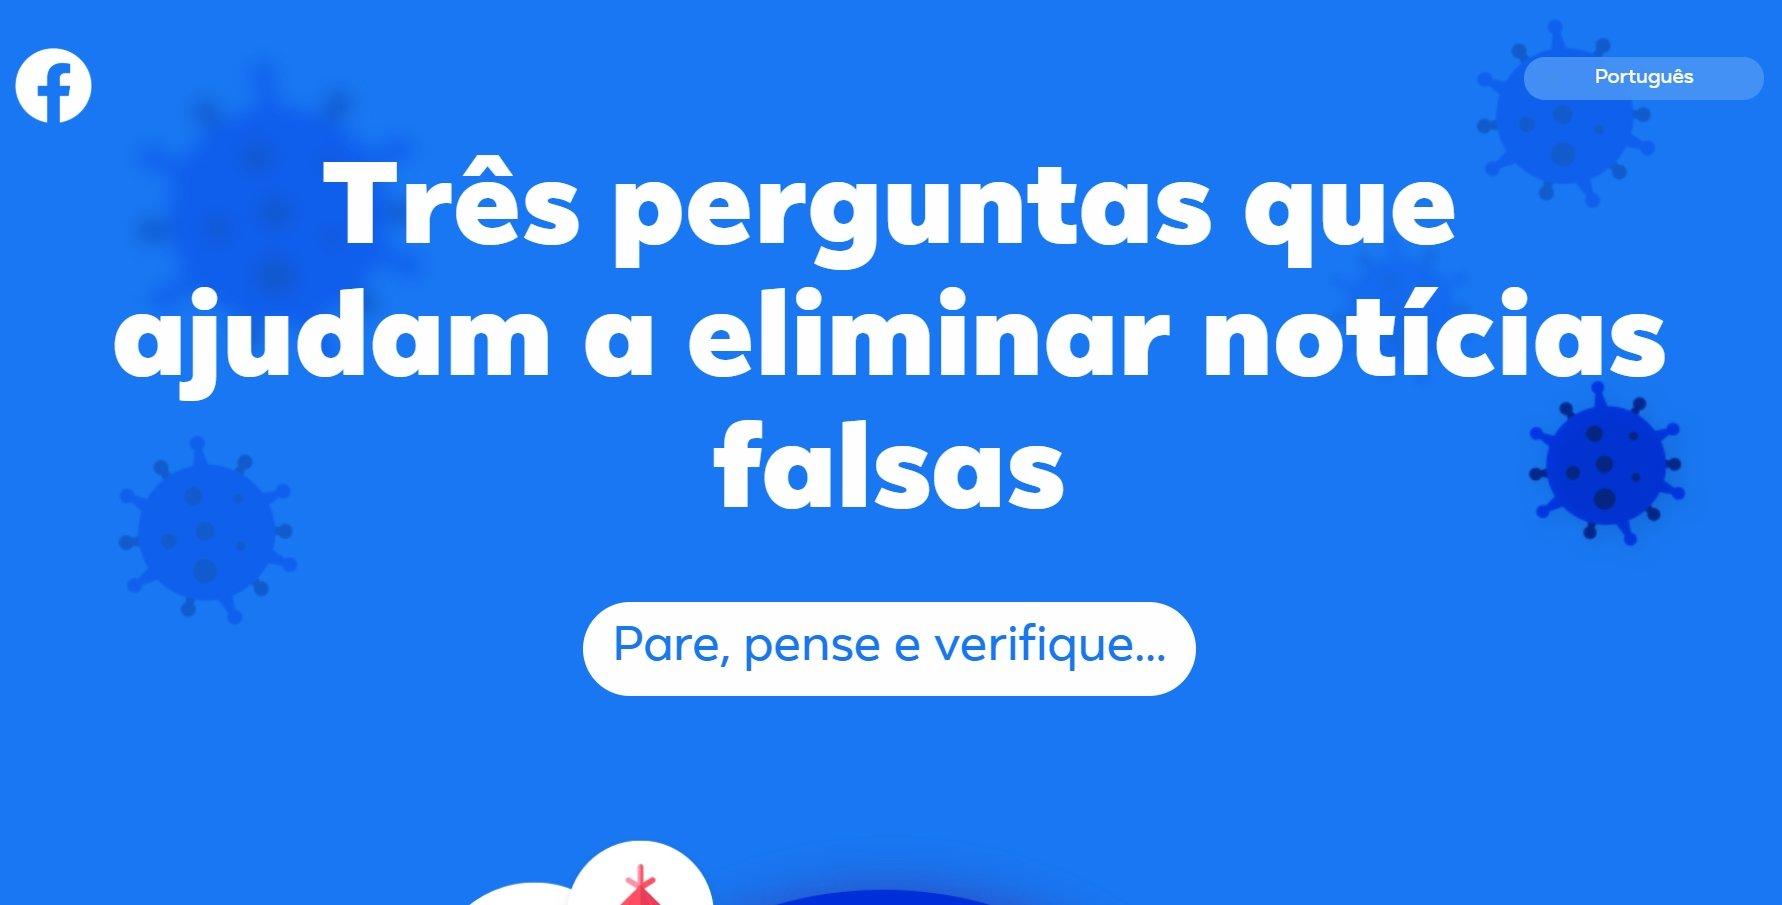 Facebook campanha Portugal